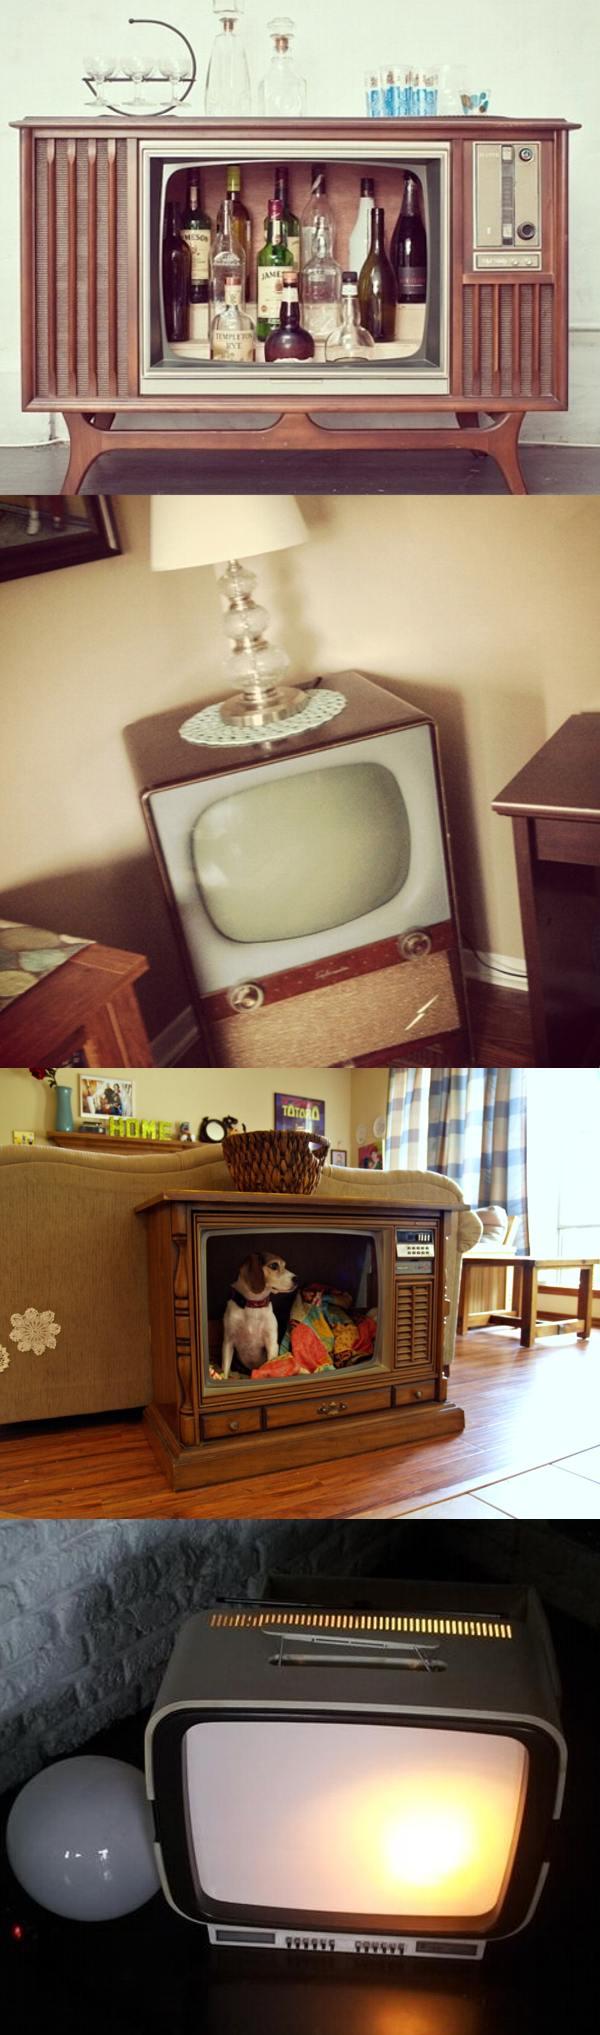 Iata ce poti sa faci cu televizorul vechi